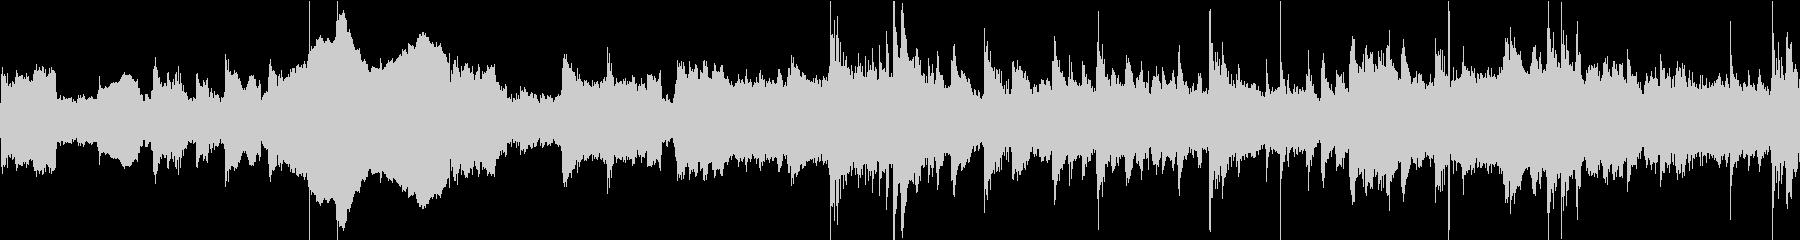 二胡と古琴による中華バラードの未再生の波形